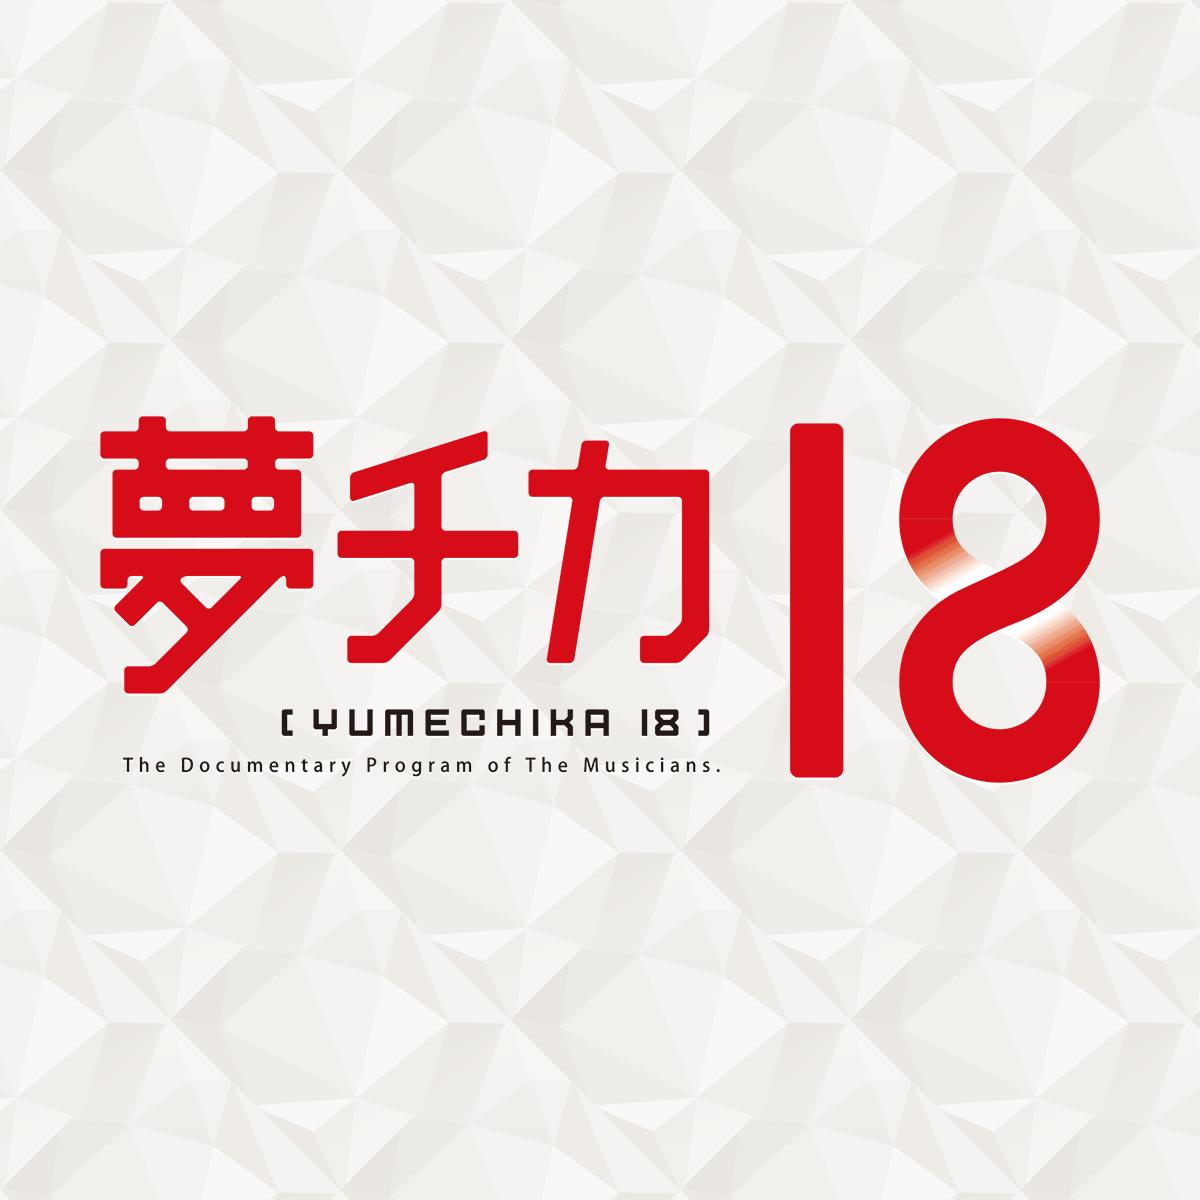 2016.06.06 全場(夢チカ18).logo